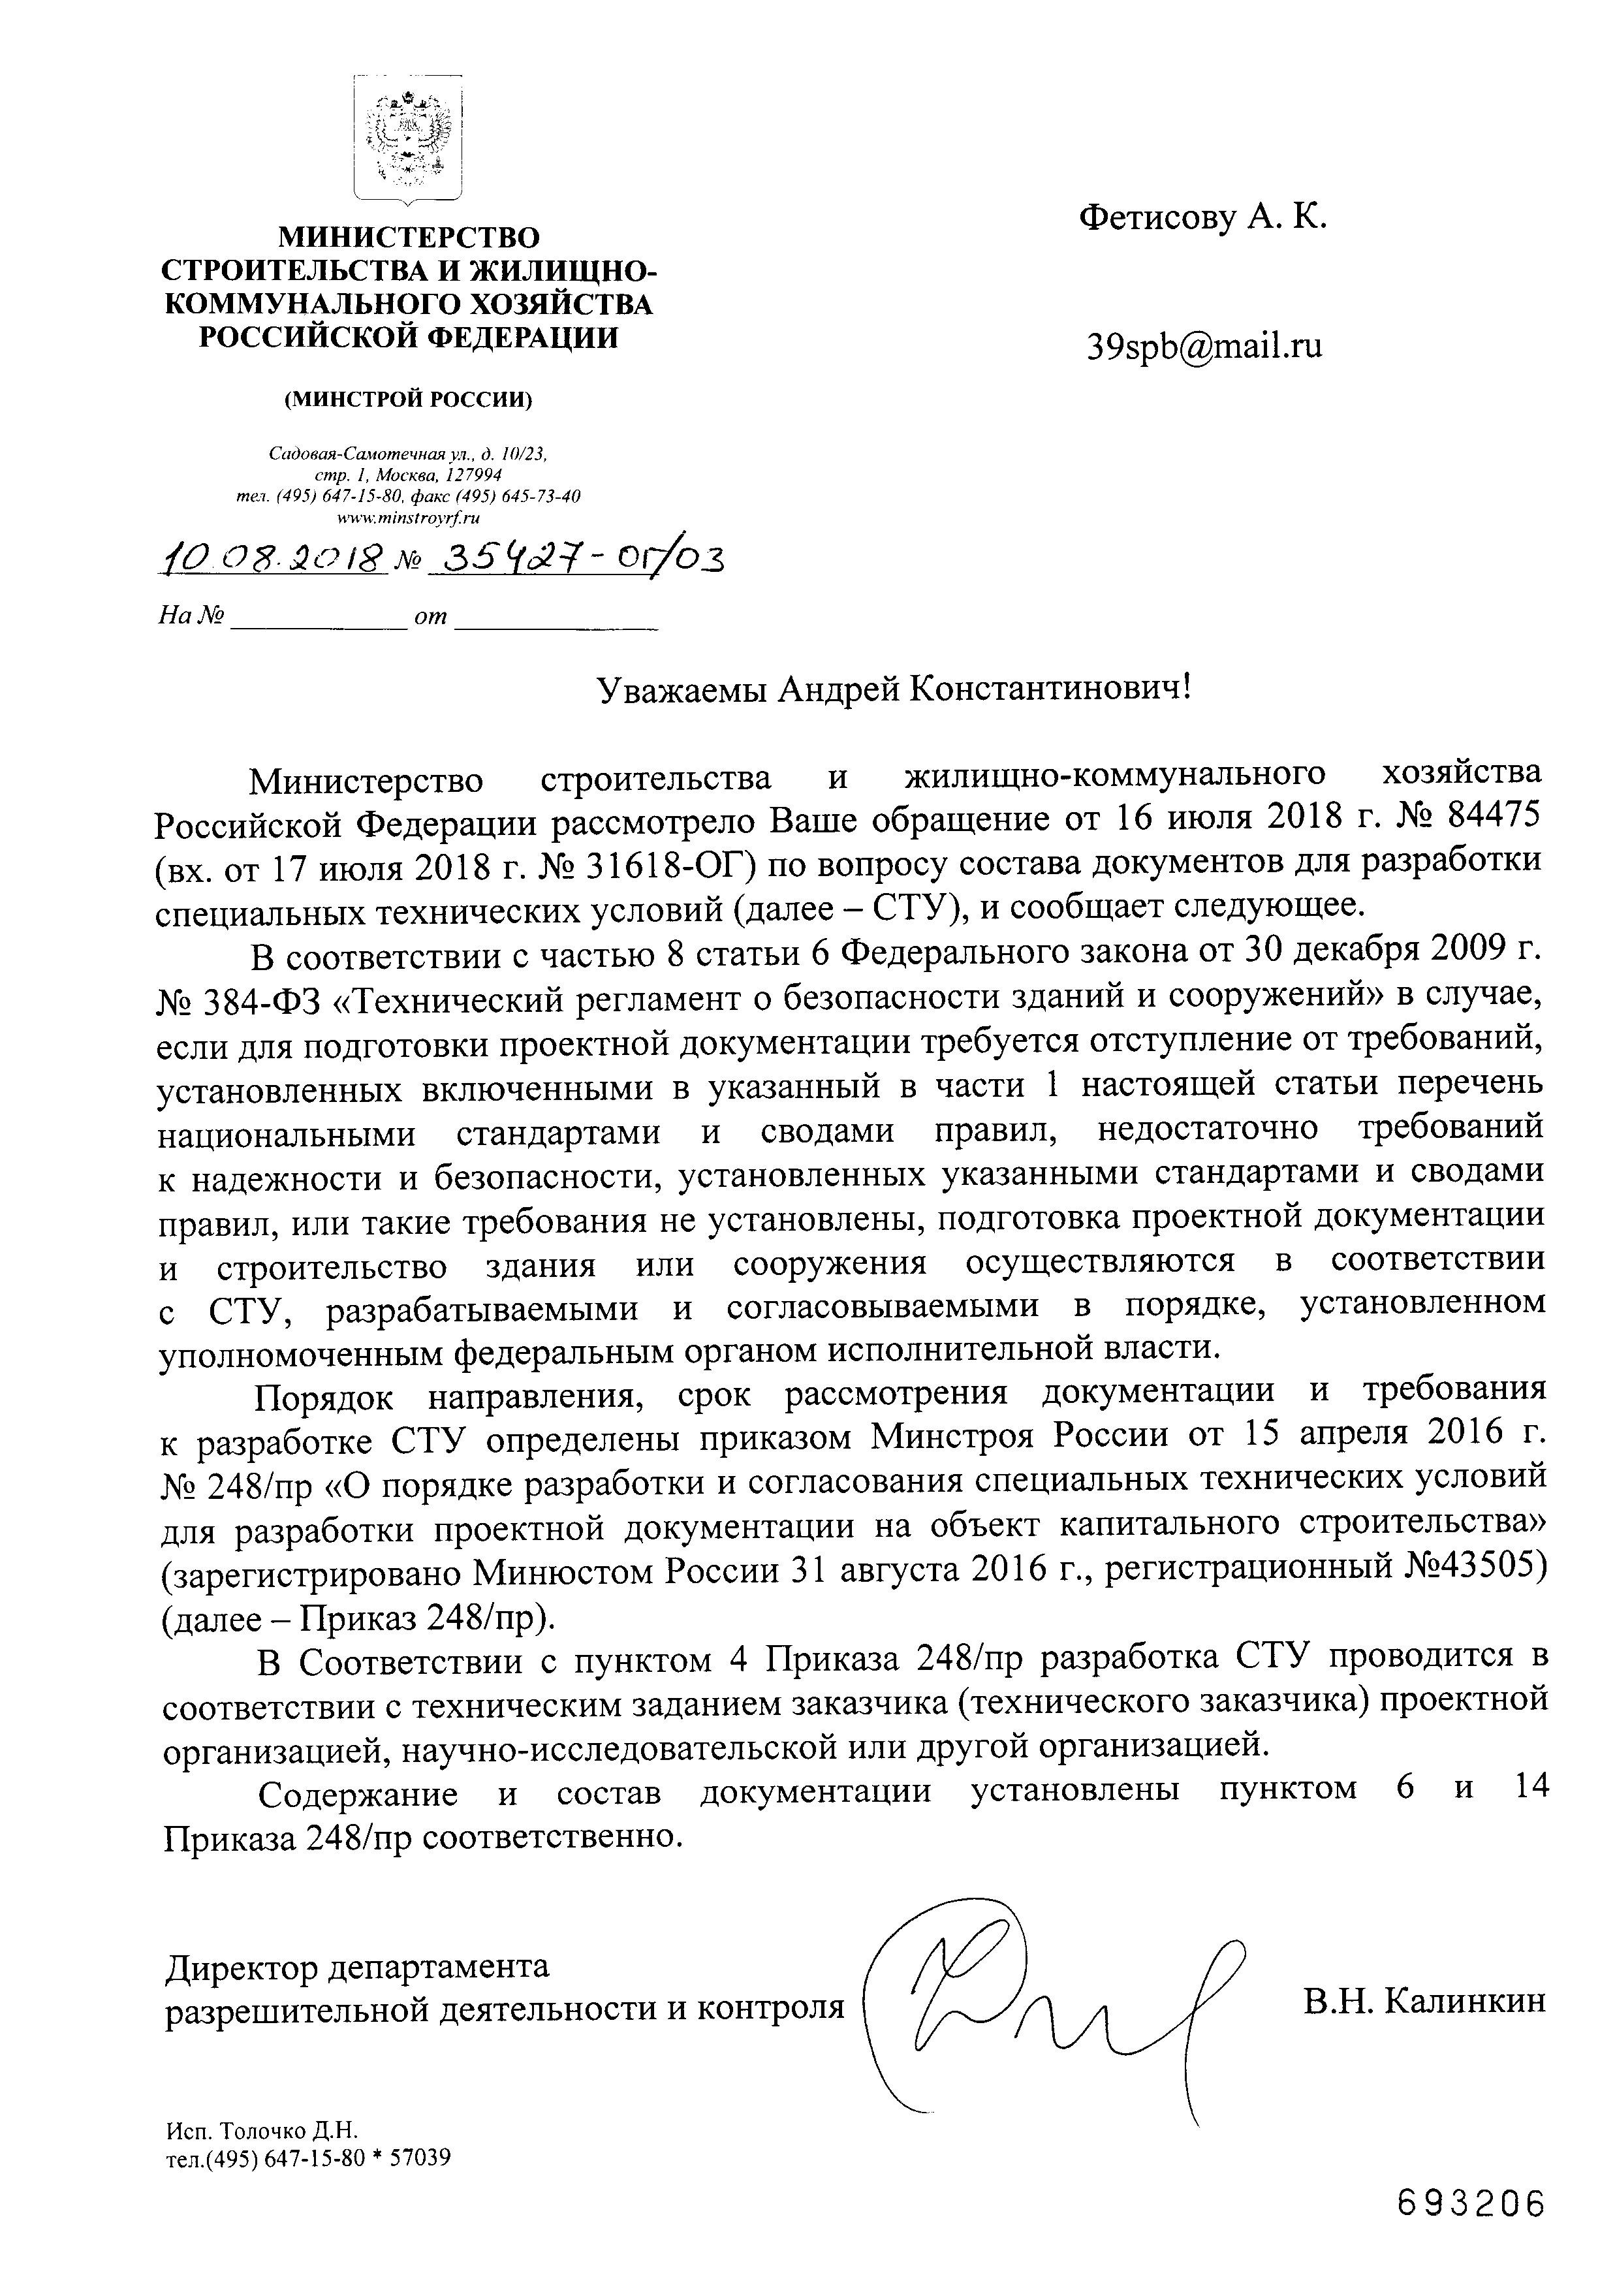 Разъяснение Минстроя 35427-ОГ/03 от 10.08.2018